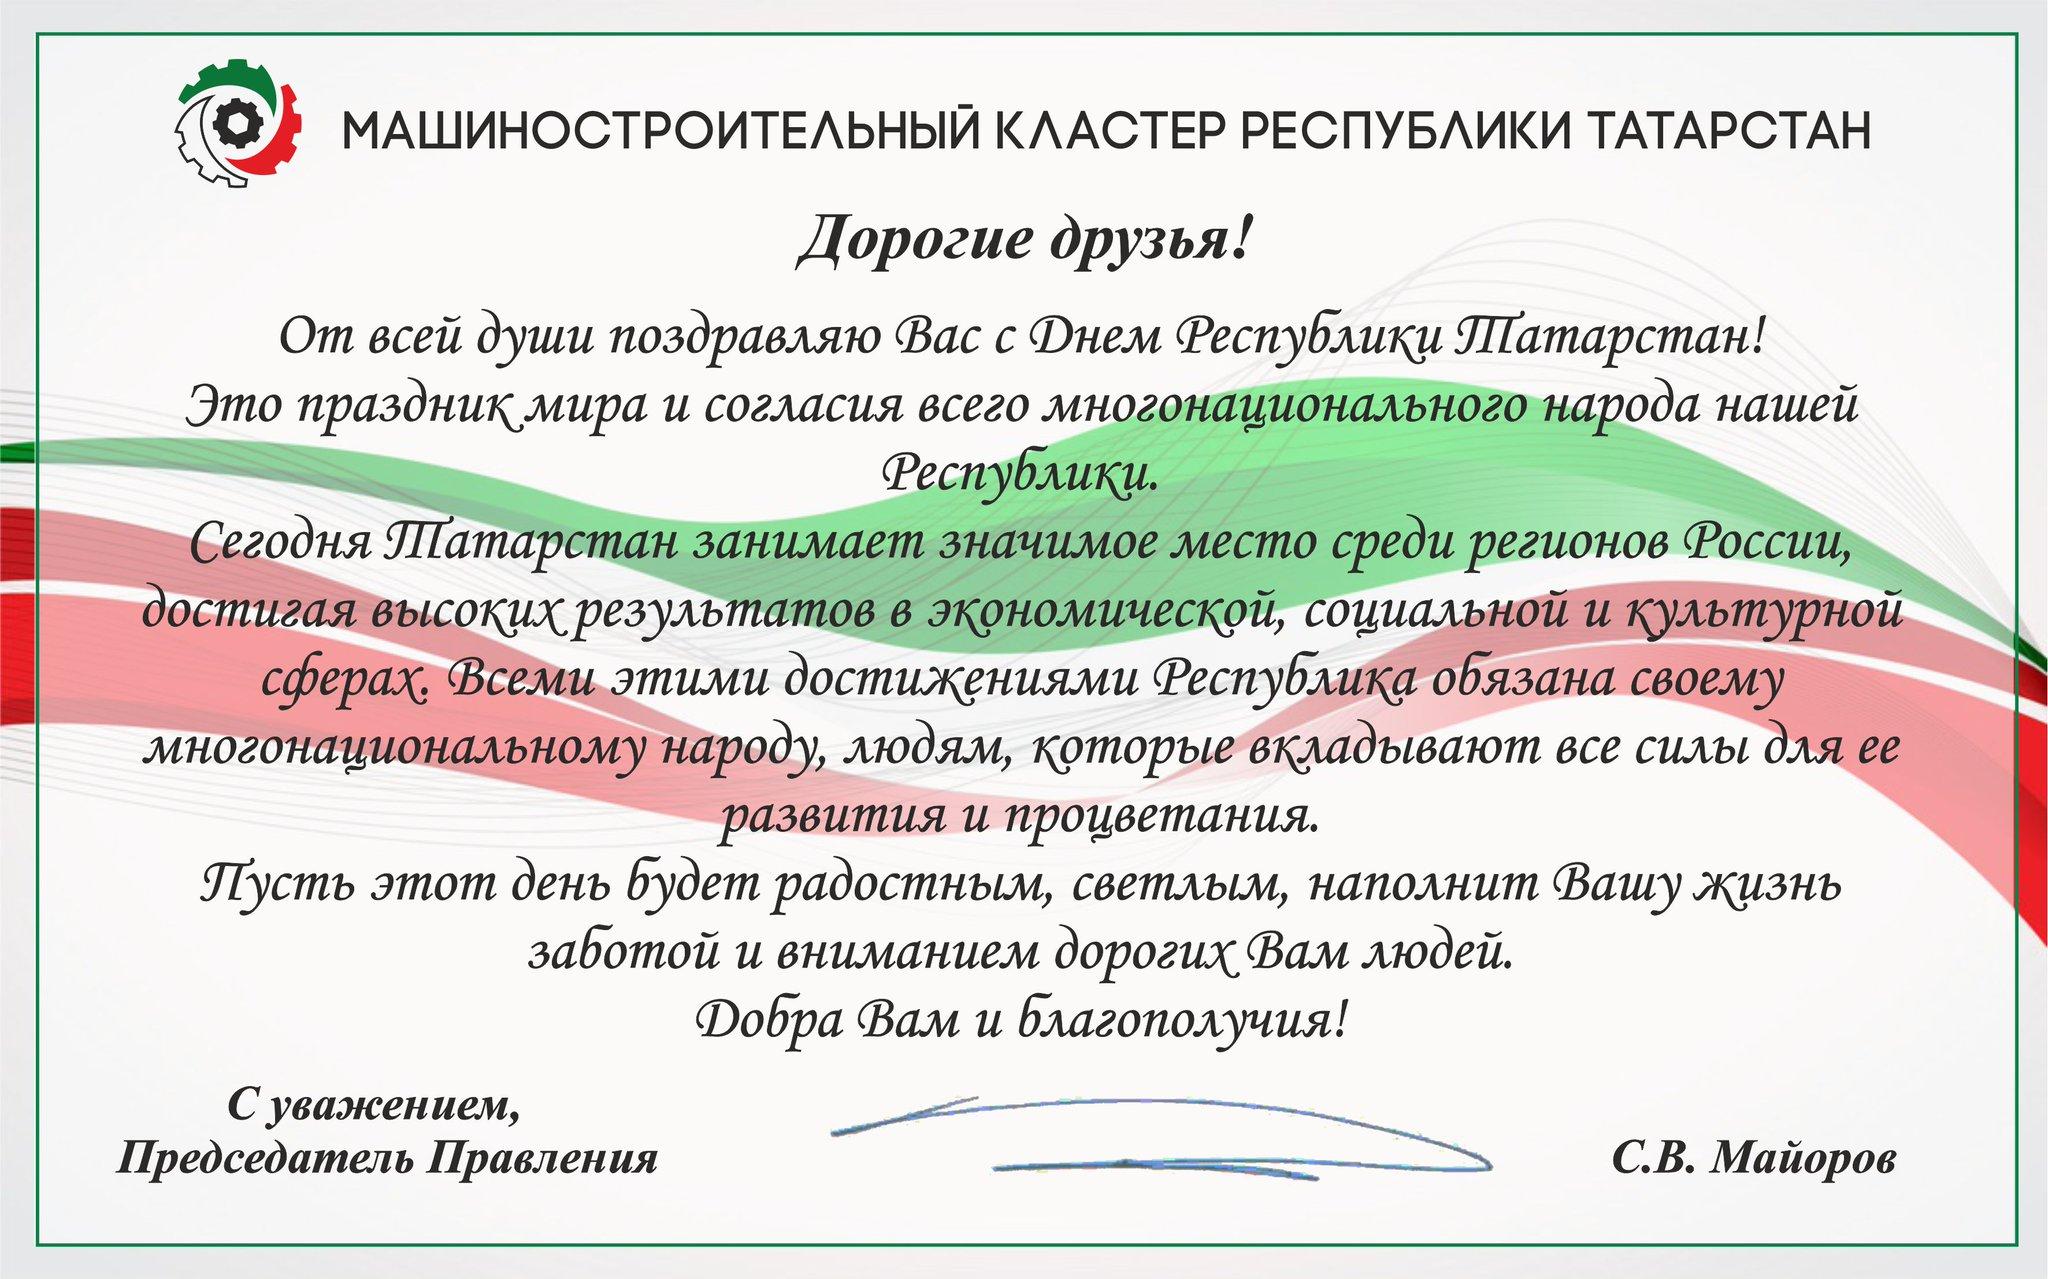 футболка поздравление главы с днем республики татарстан обсудим следующую стадию